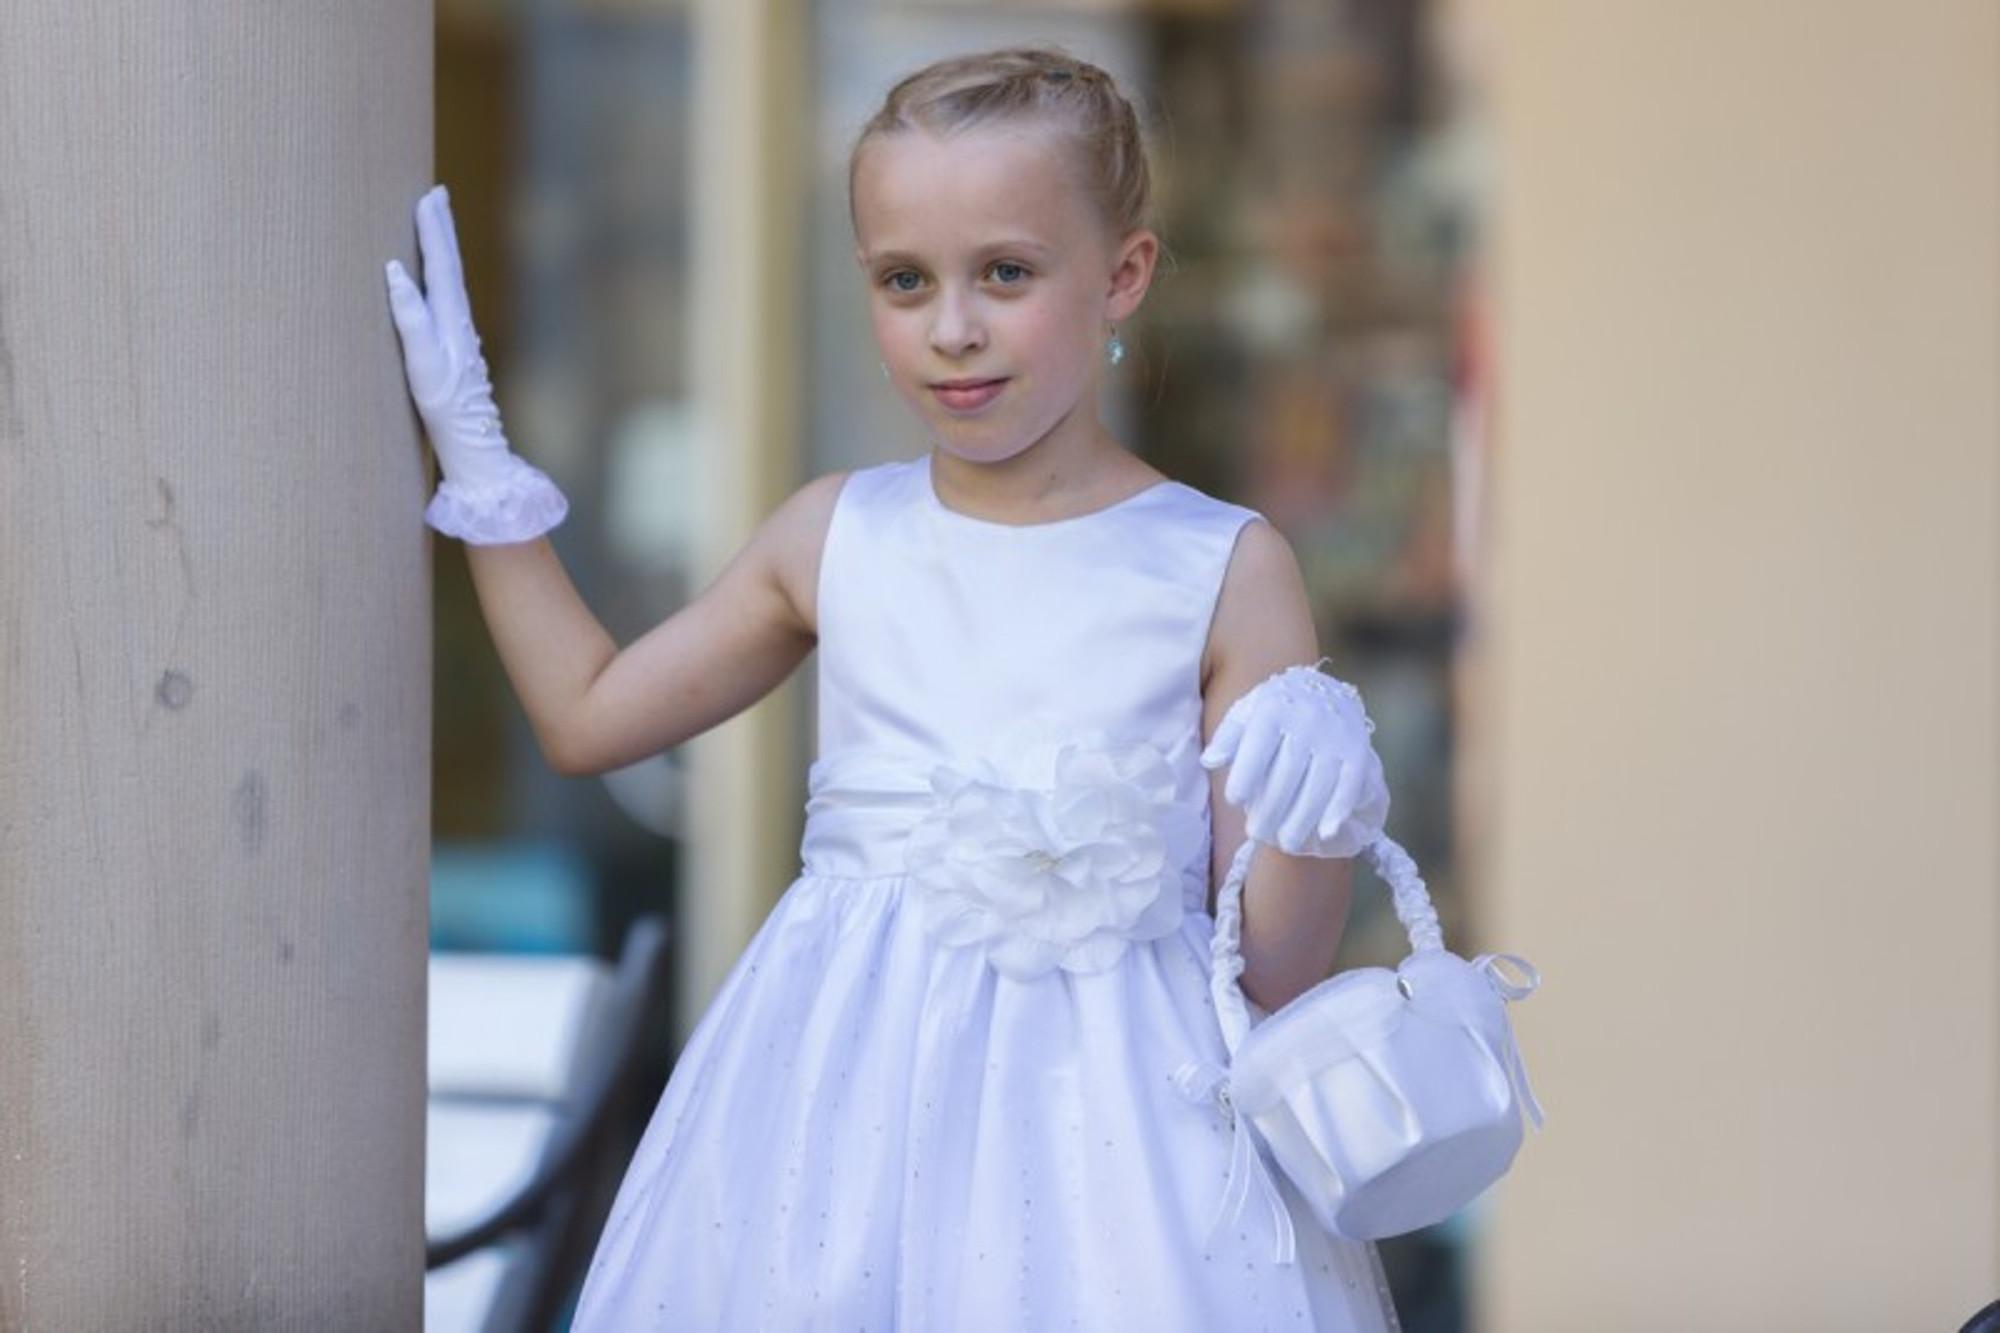 Bimaro Mädchen Kleid Laguna Weiß Mit Glitzer Tüll Satin Blüte